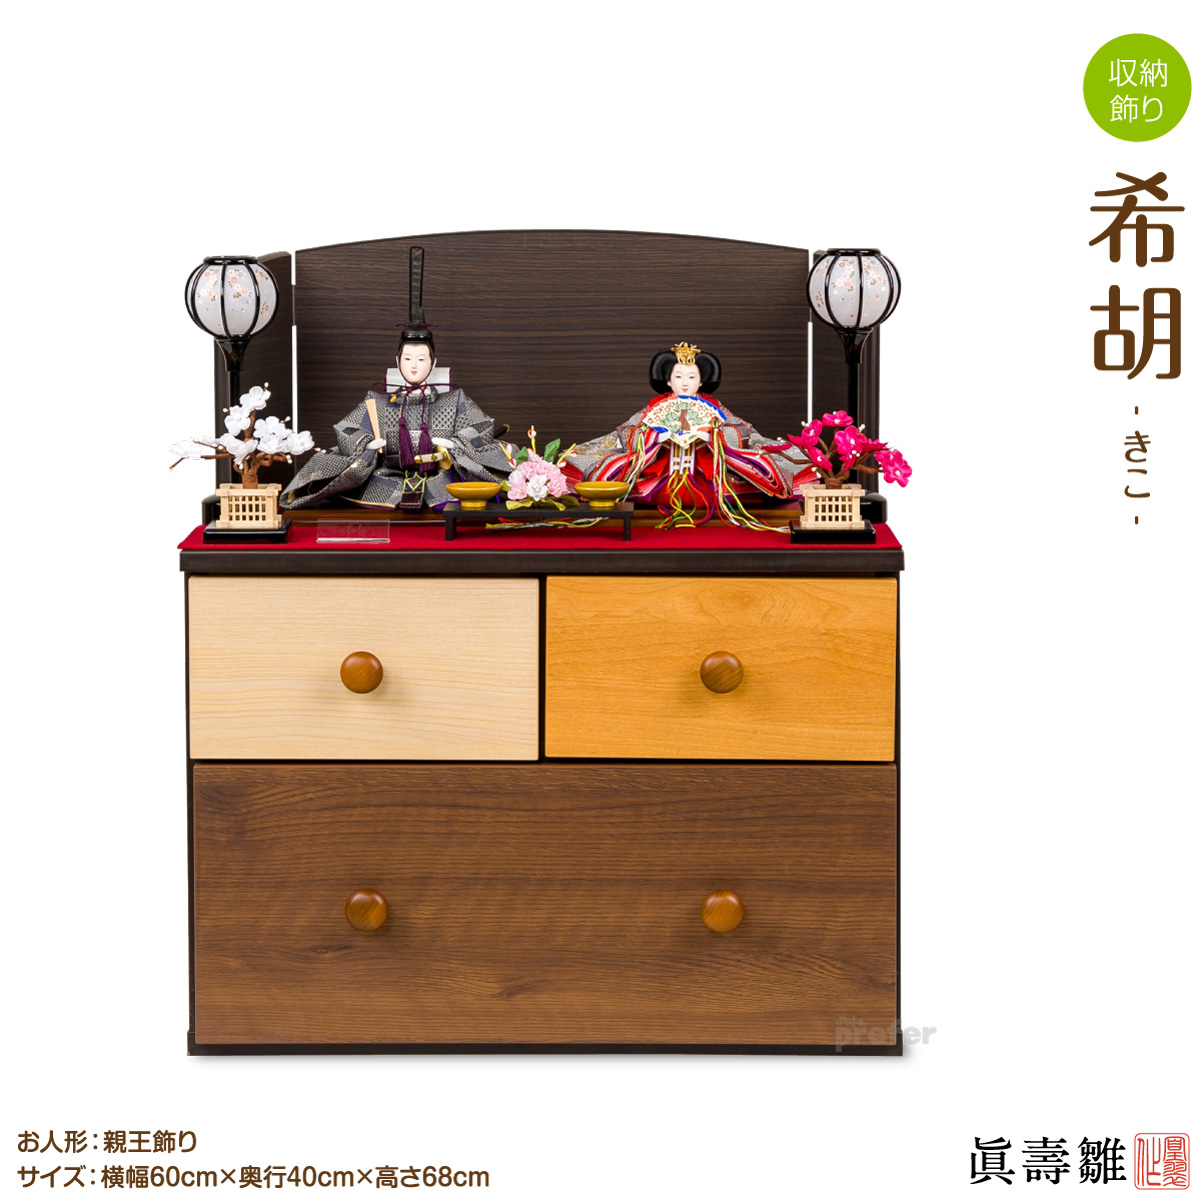 雛人形 収納飾り ひな人形 収納スペース付眞壽雛希胡(きこ) コンパクト 収納雛 特選